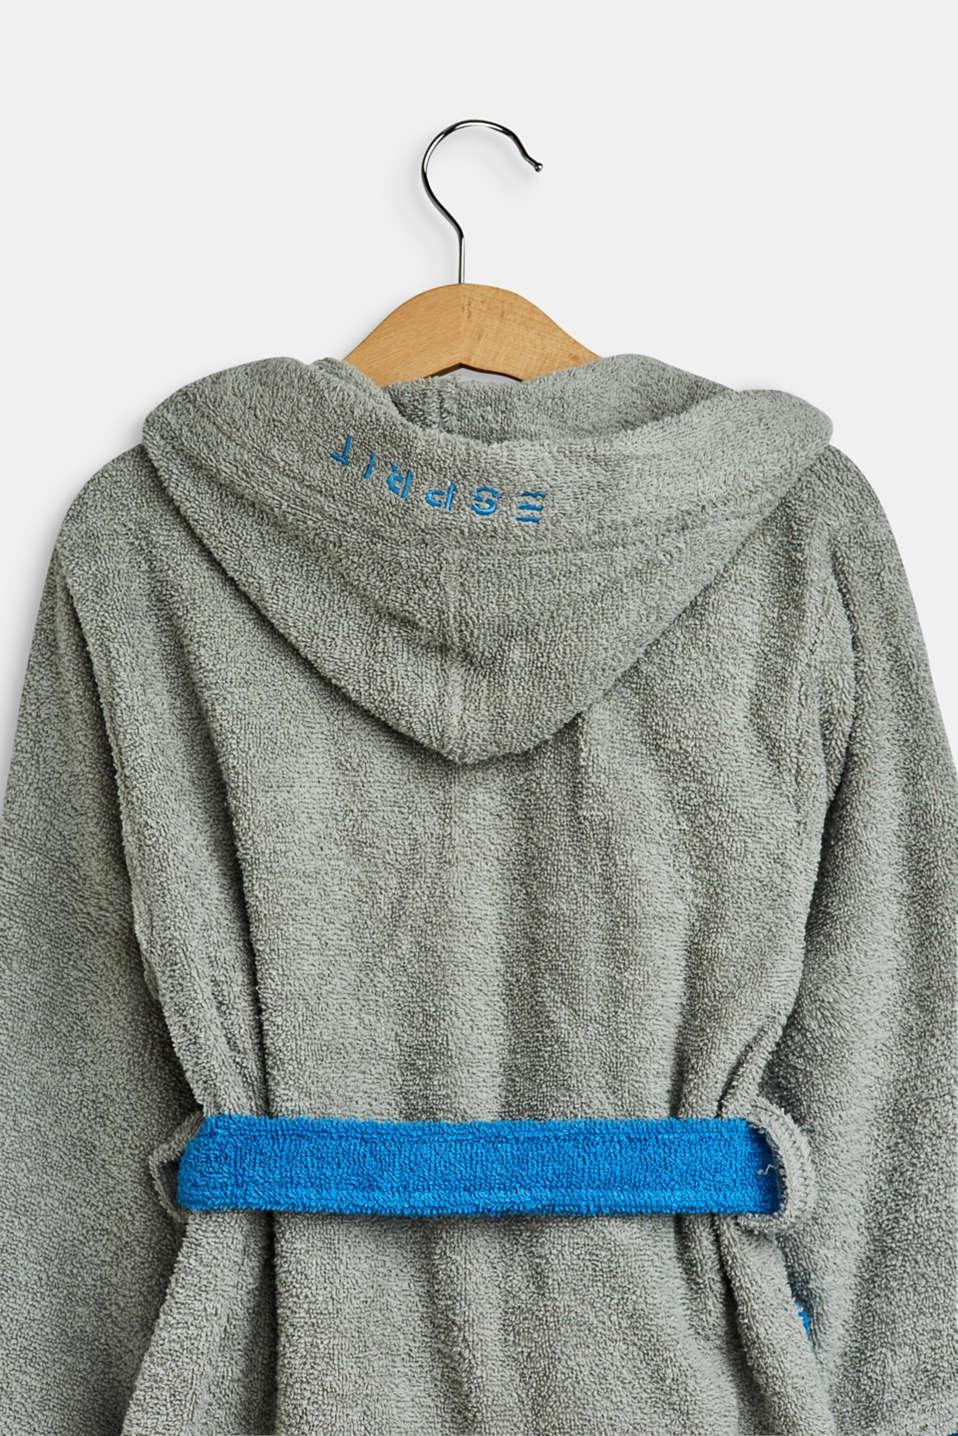 Children's bathrobe in 100% cotton, GREY/BLUE, detail image number 2